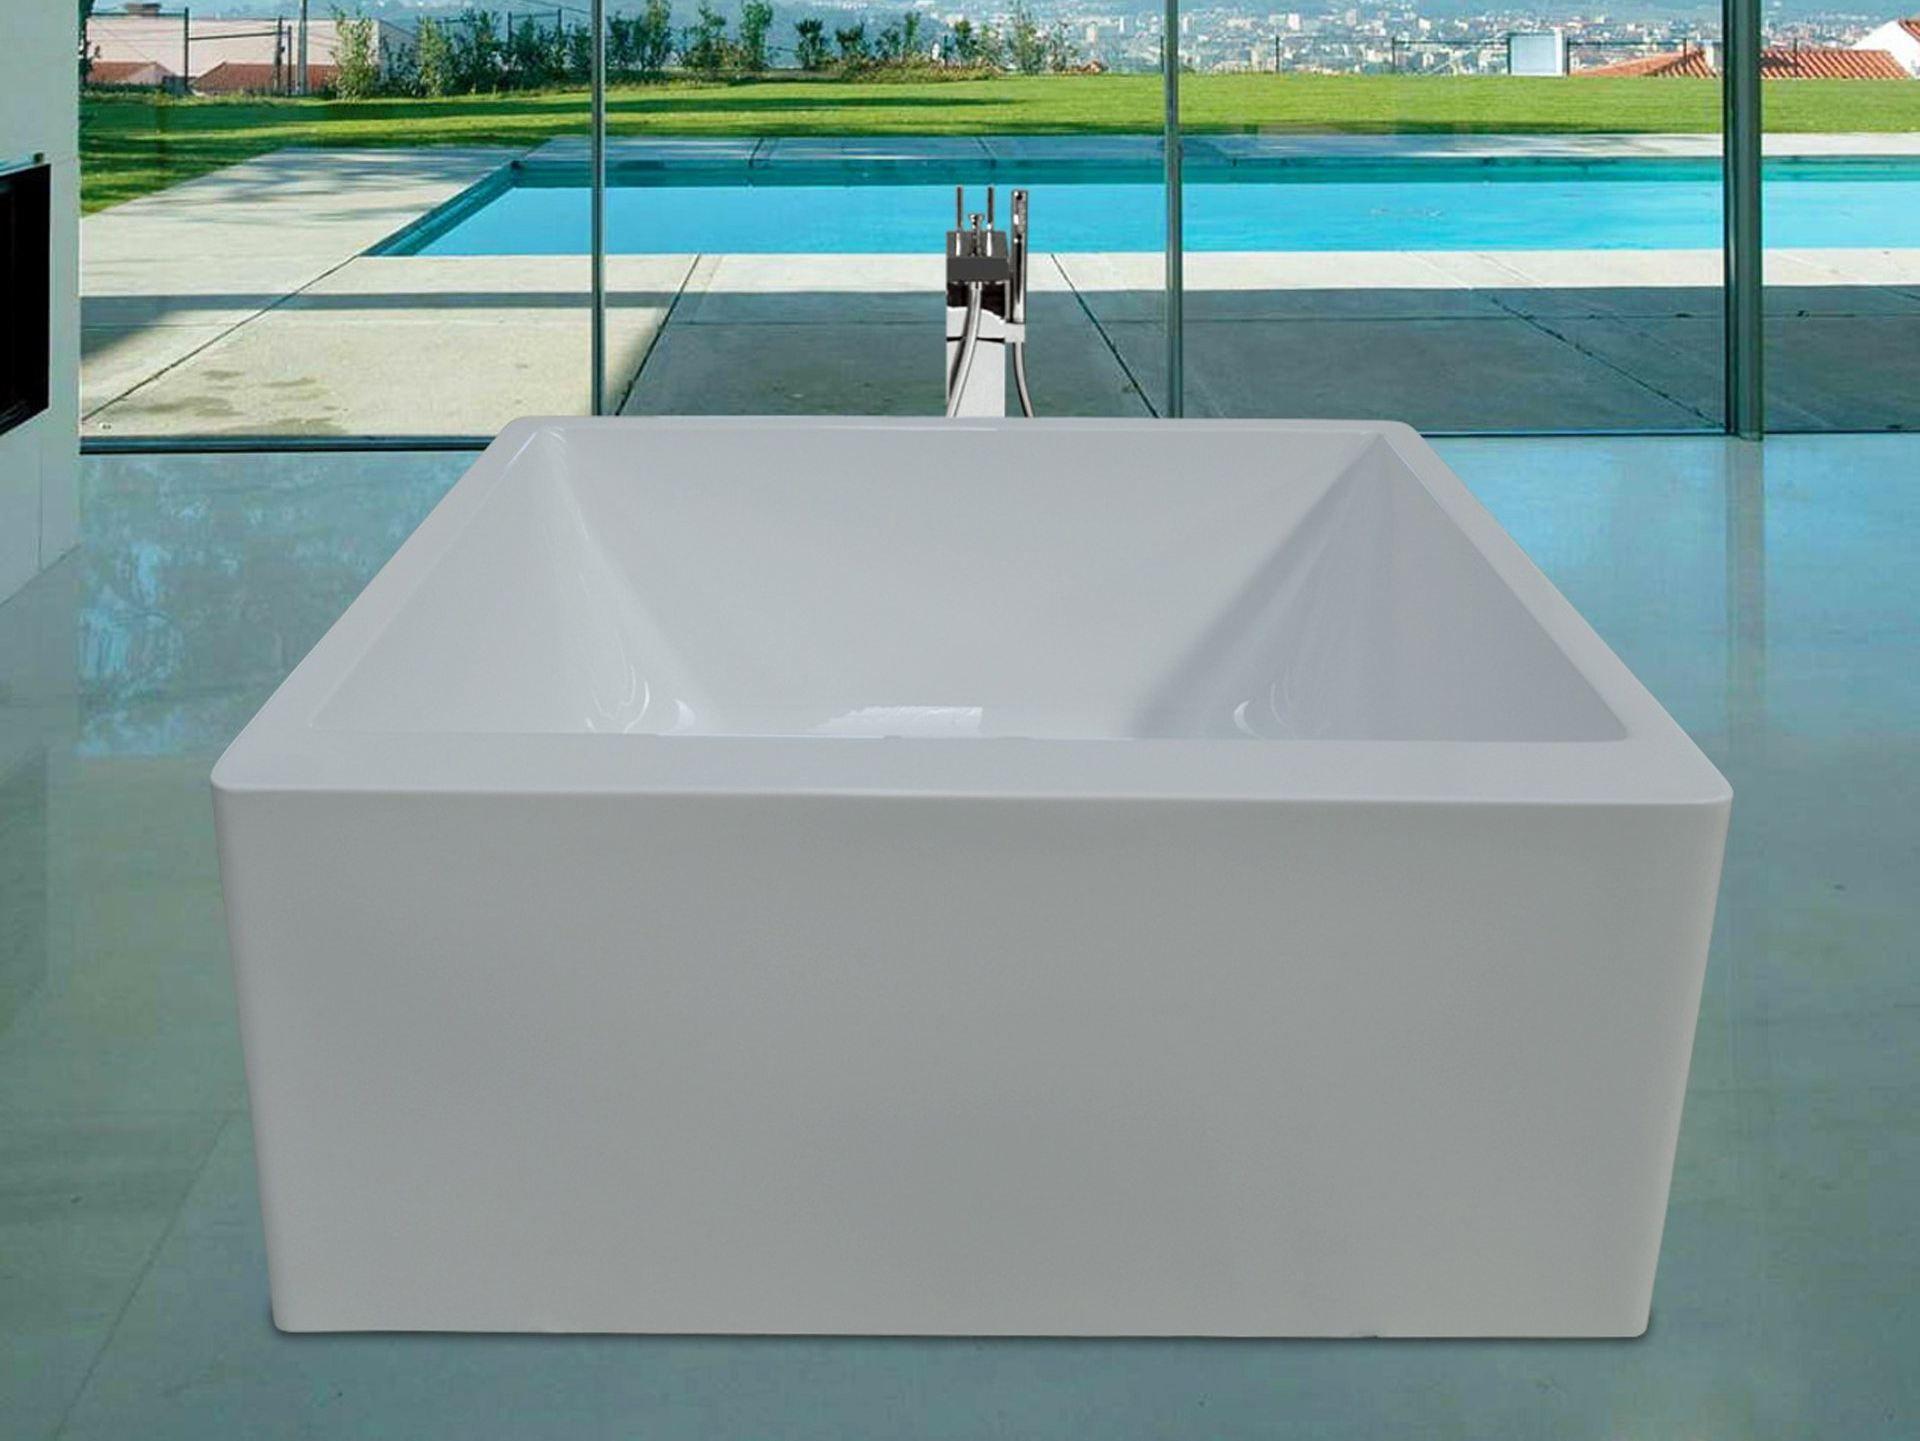 Scarico Della Vasca Da Bagno In Inglese : Vasca da bagno in inglese. con la chiave inglese si svitano i dadi